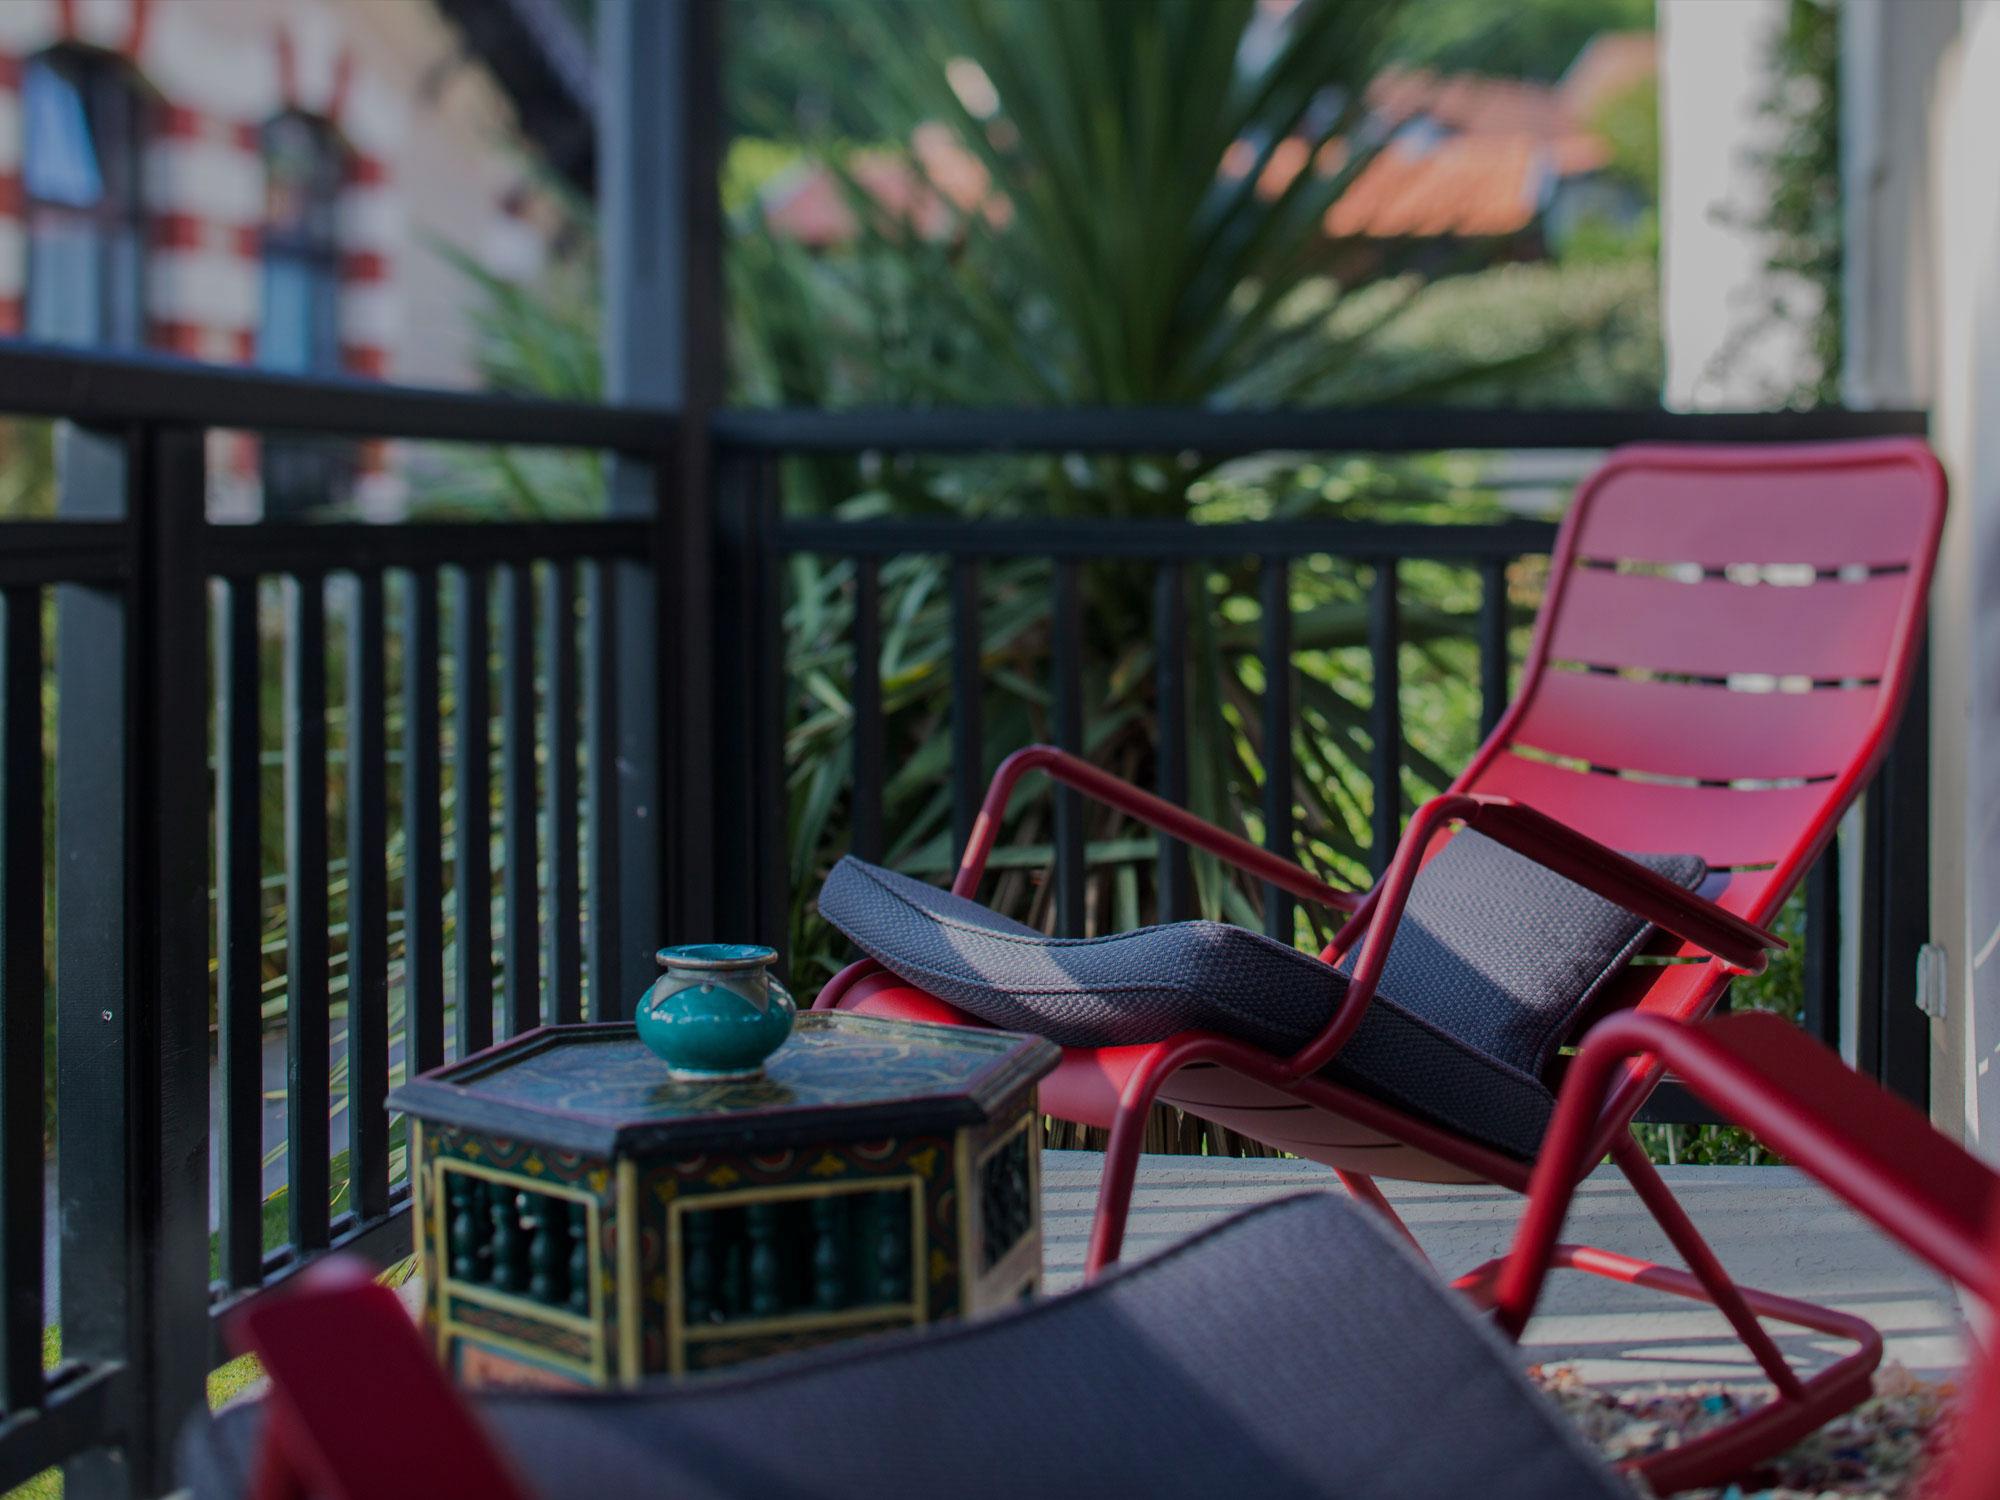 Terrasse sièges Hôtel de ville d'hiver Arcachon